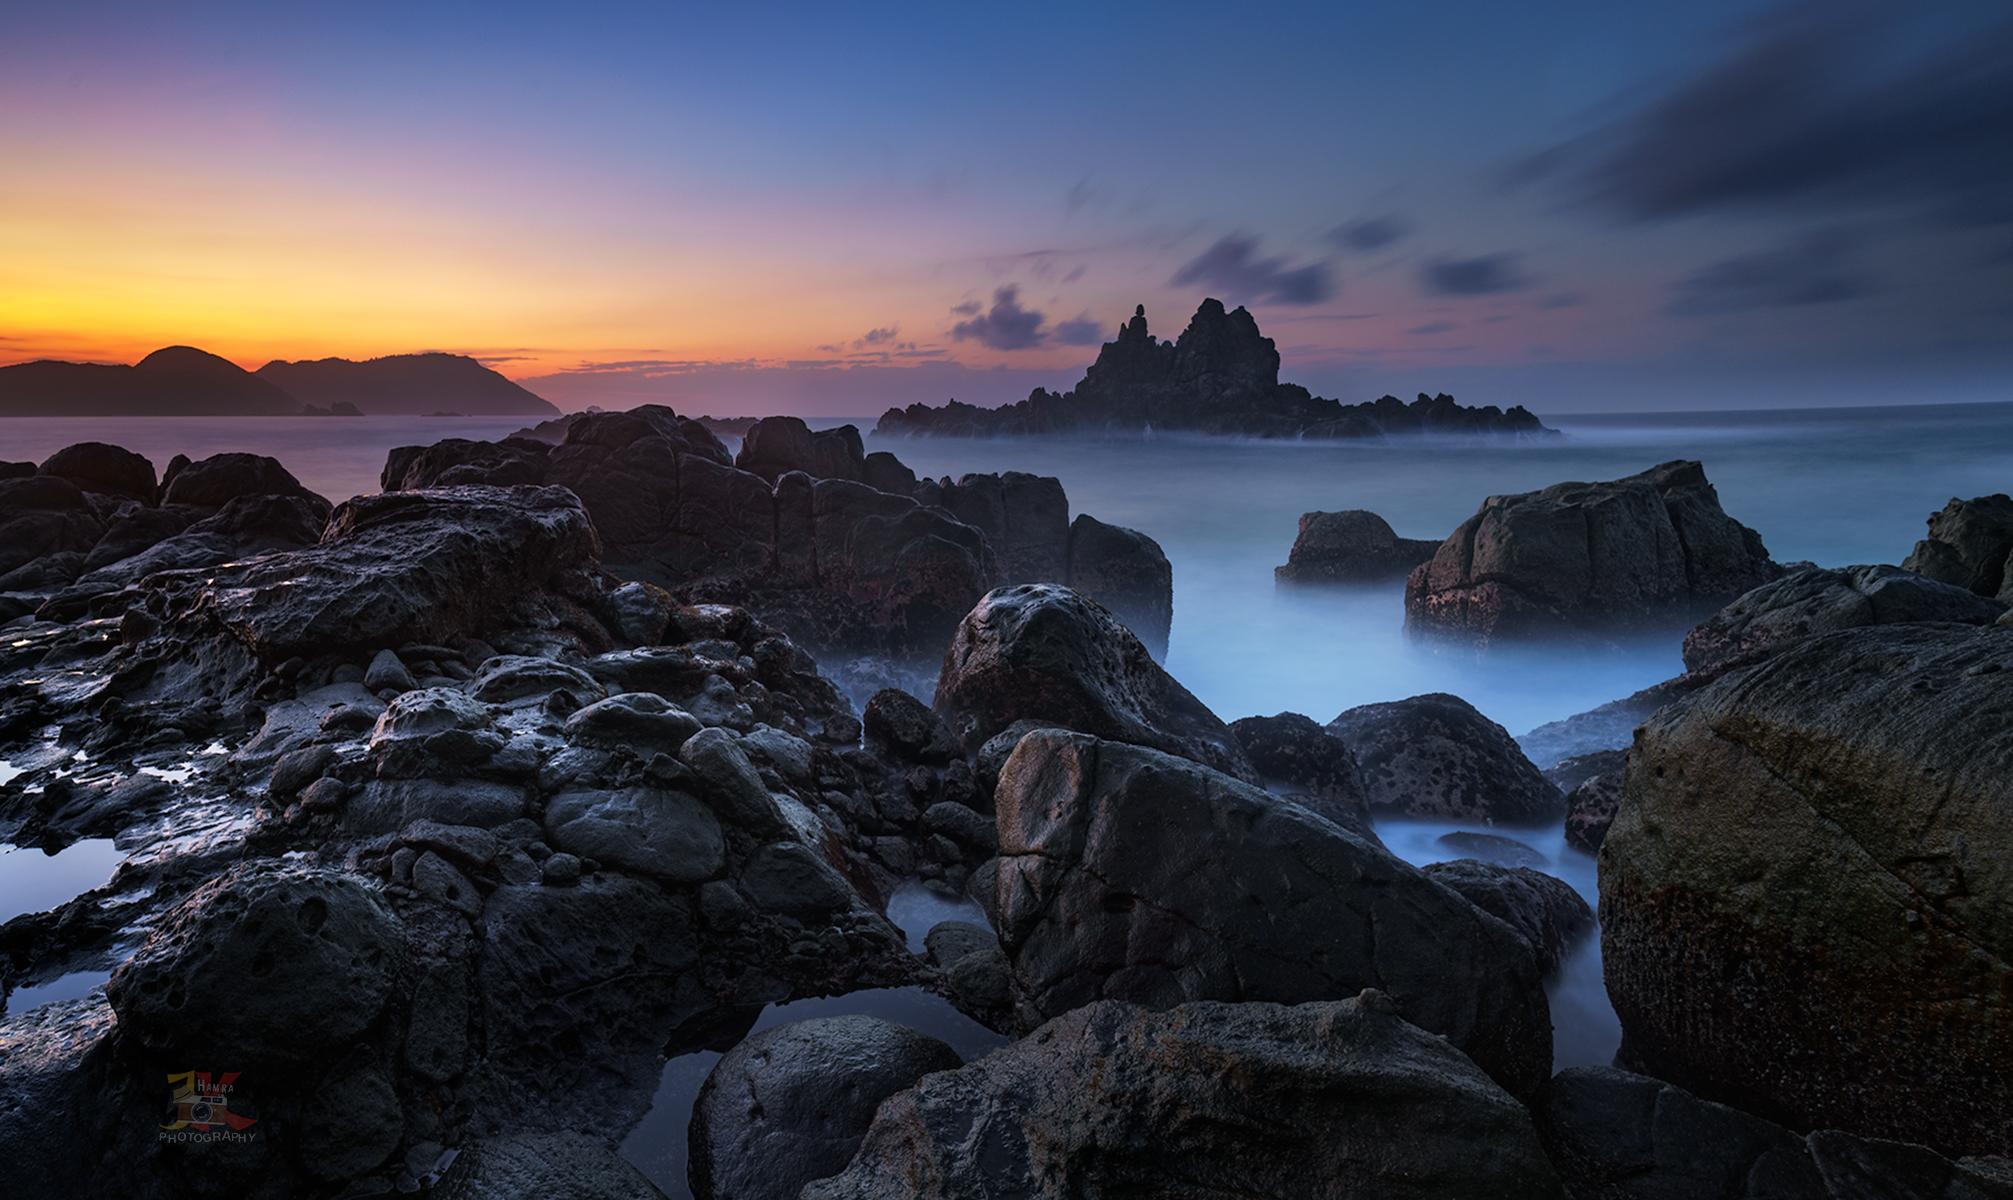 Sunrise at Pantai Jagog Luar, Indonesia